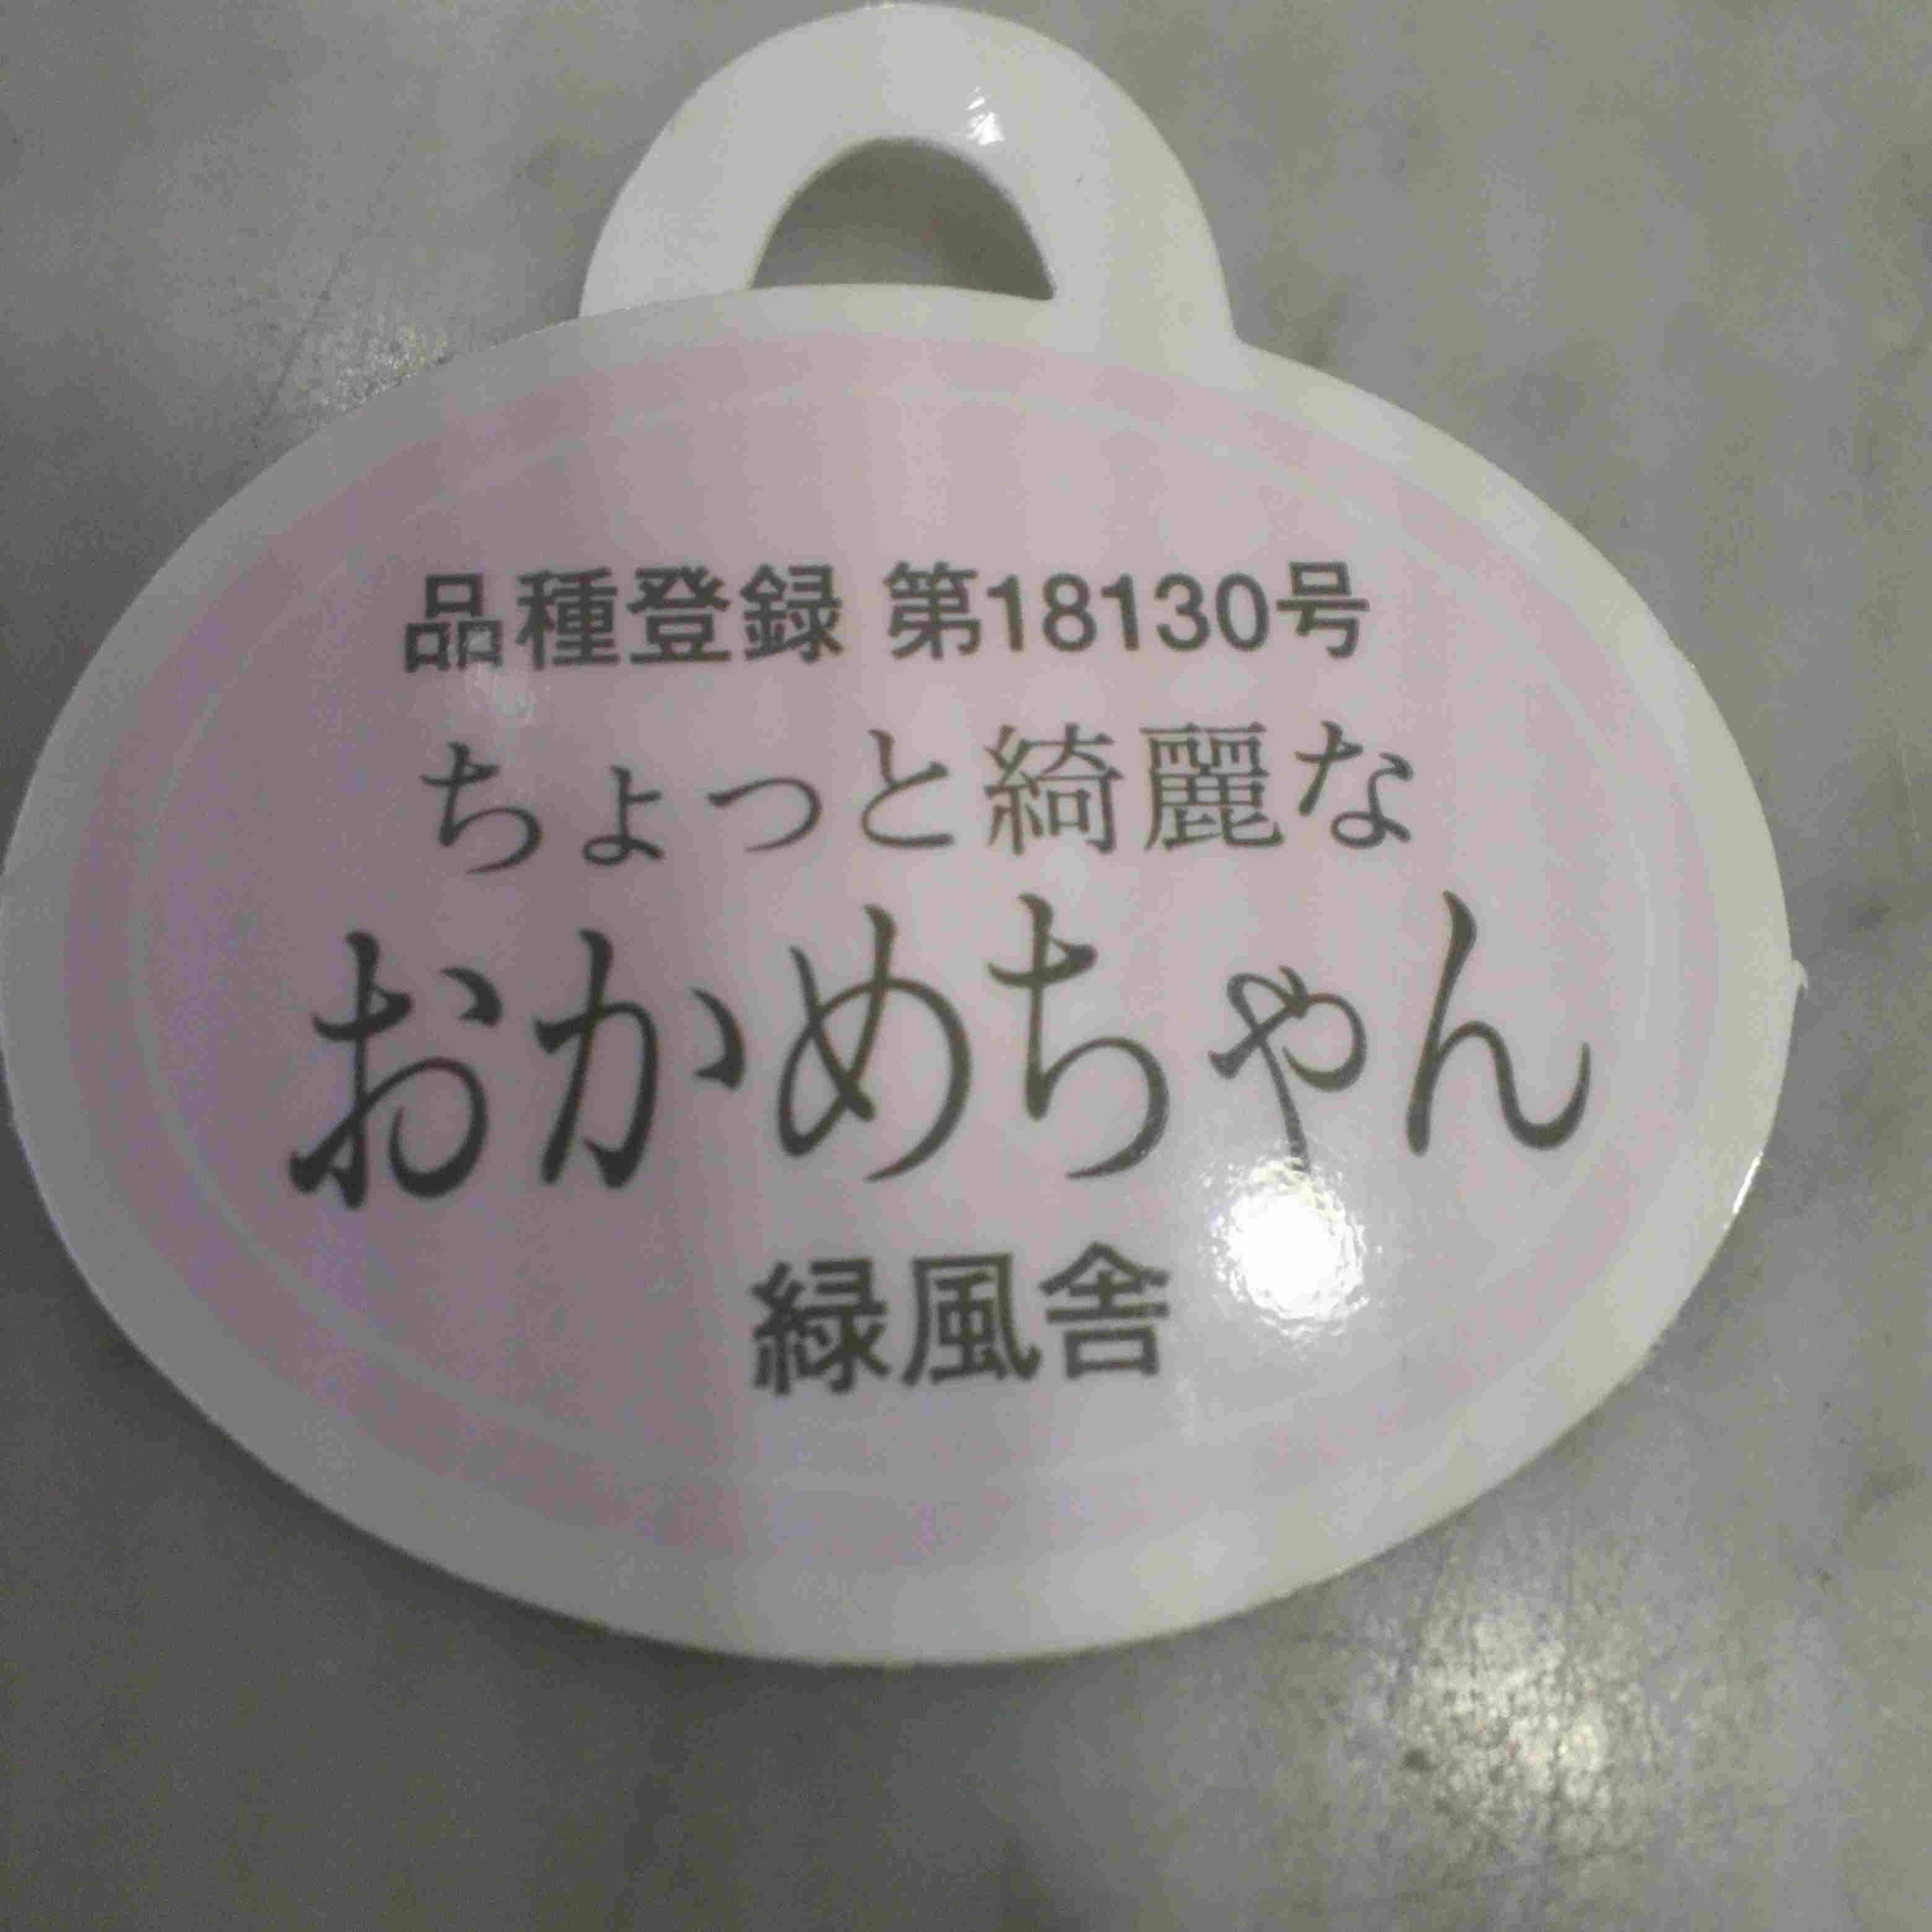 綺麗なおかめちゃん!?_a0221584_1317815.jpg